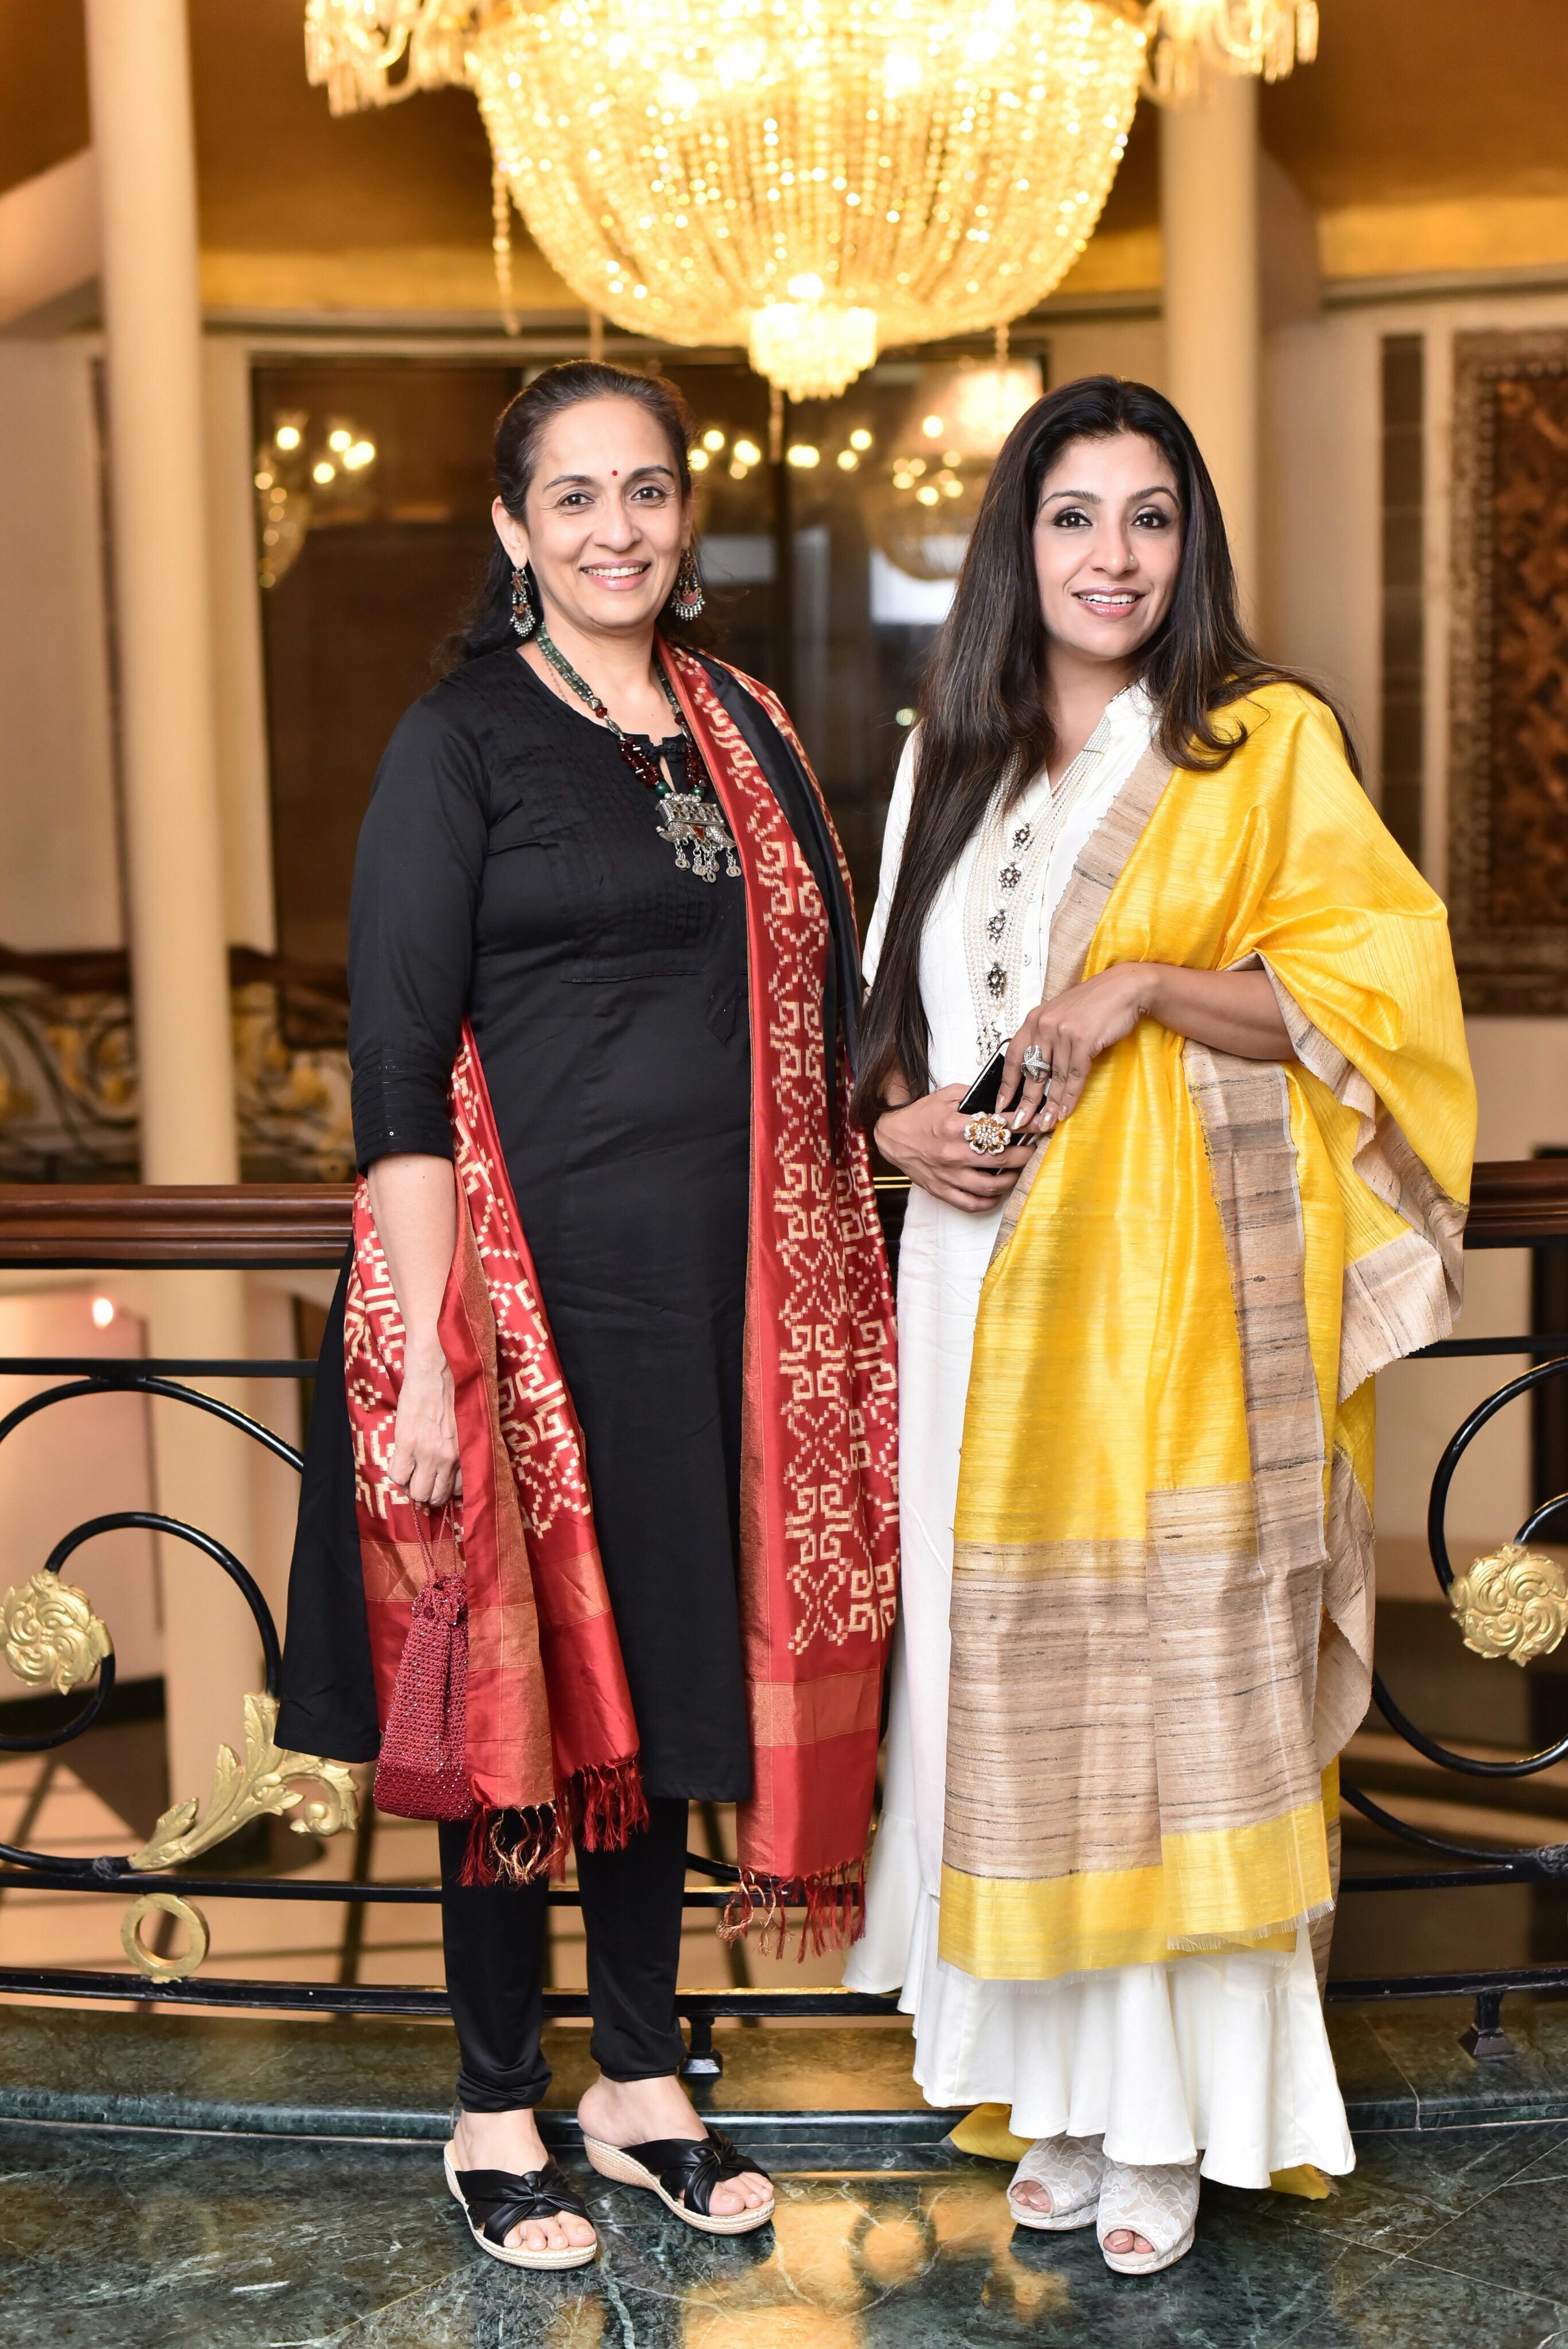 PunjabKesari,Swaroop Sampat, Miss India Swaroop Sampat, Bollywood Paresh rawal, Nari